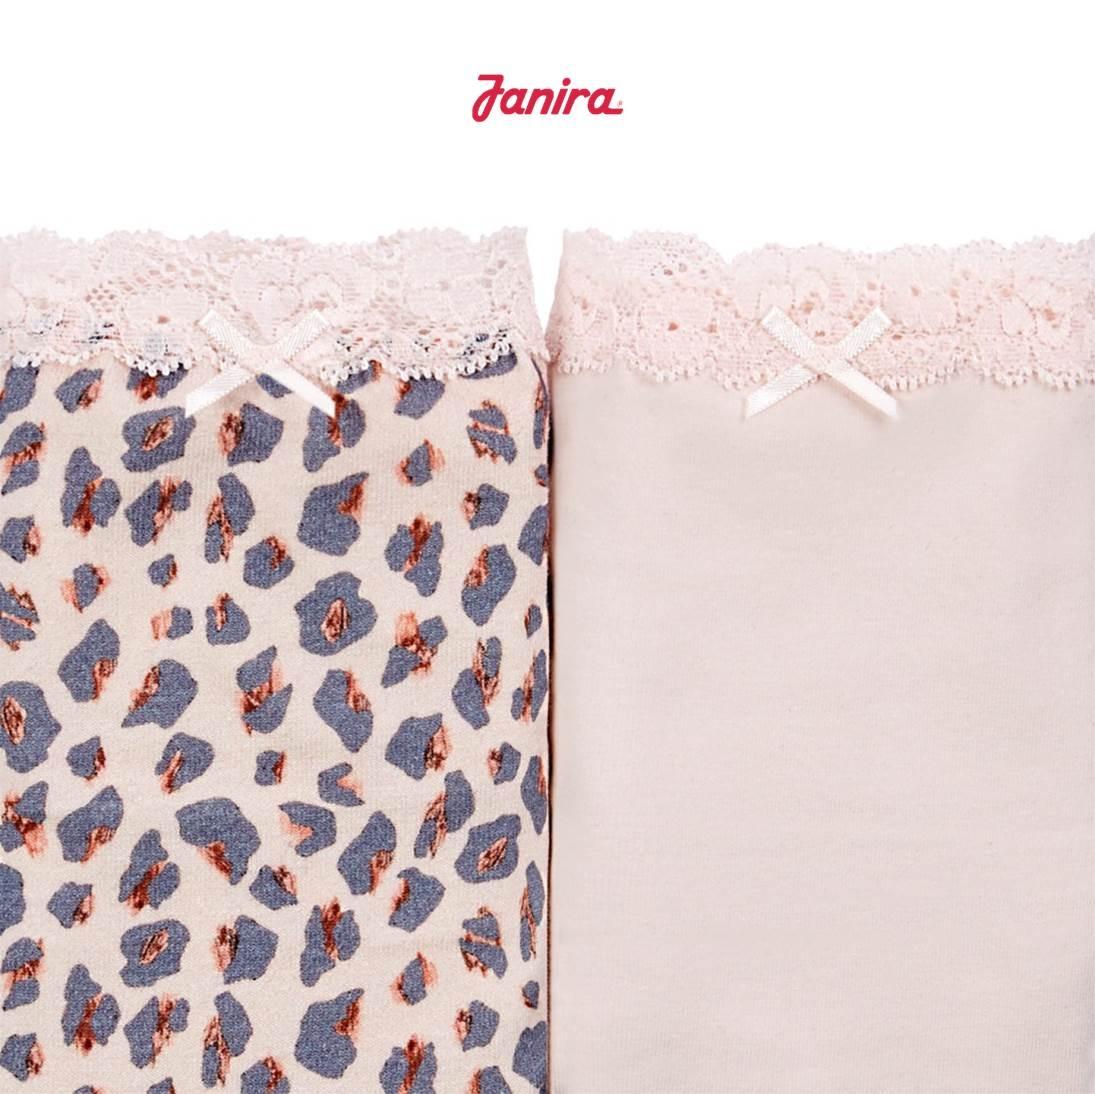 Pack 2 Braguitas Brislip Coquettes Pink Pant Janira